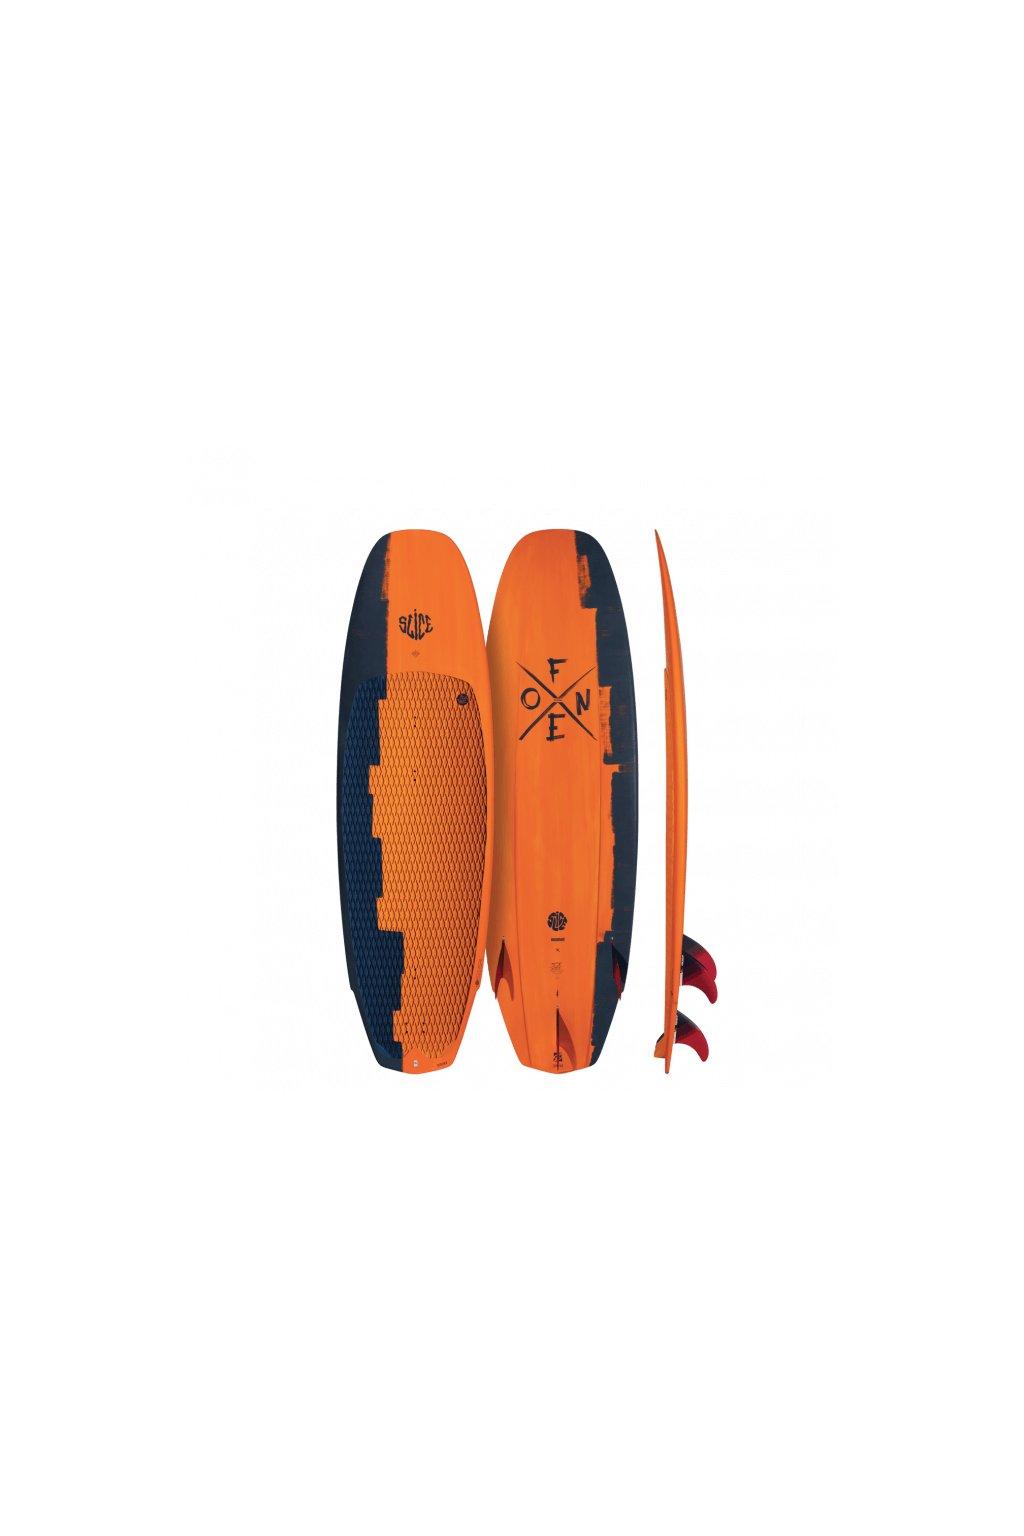 Surf Slice flex 650x650